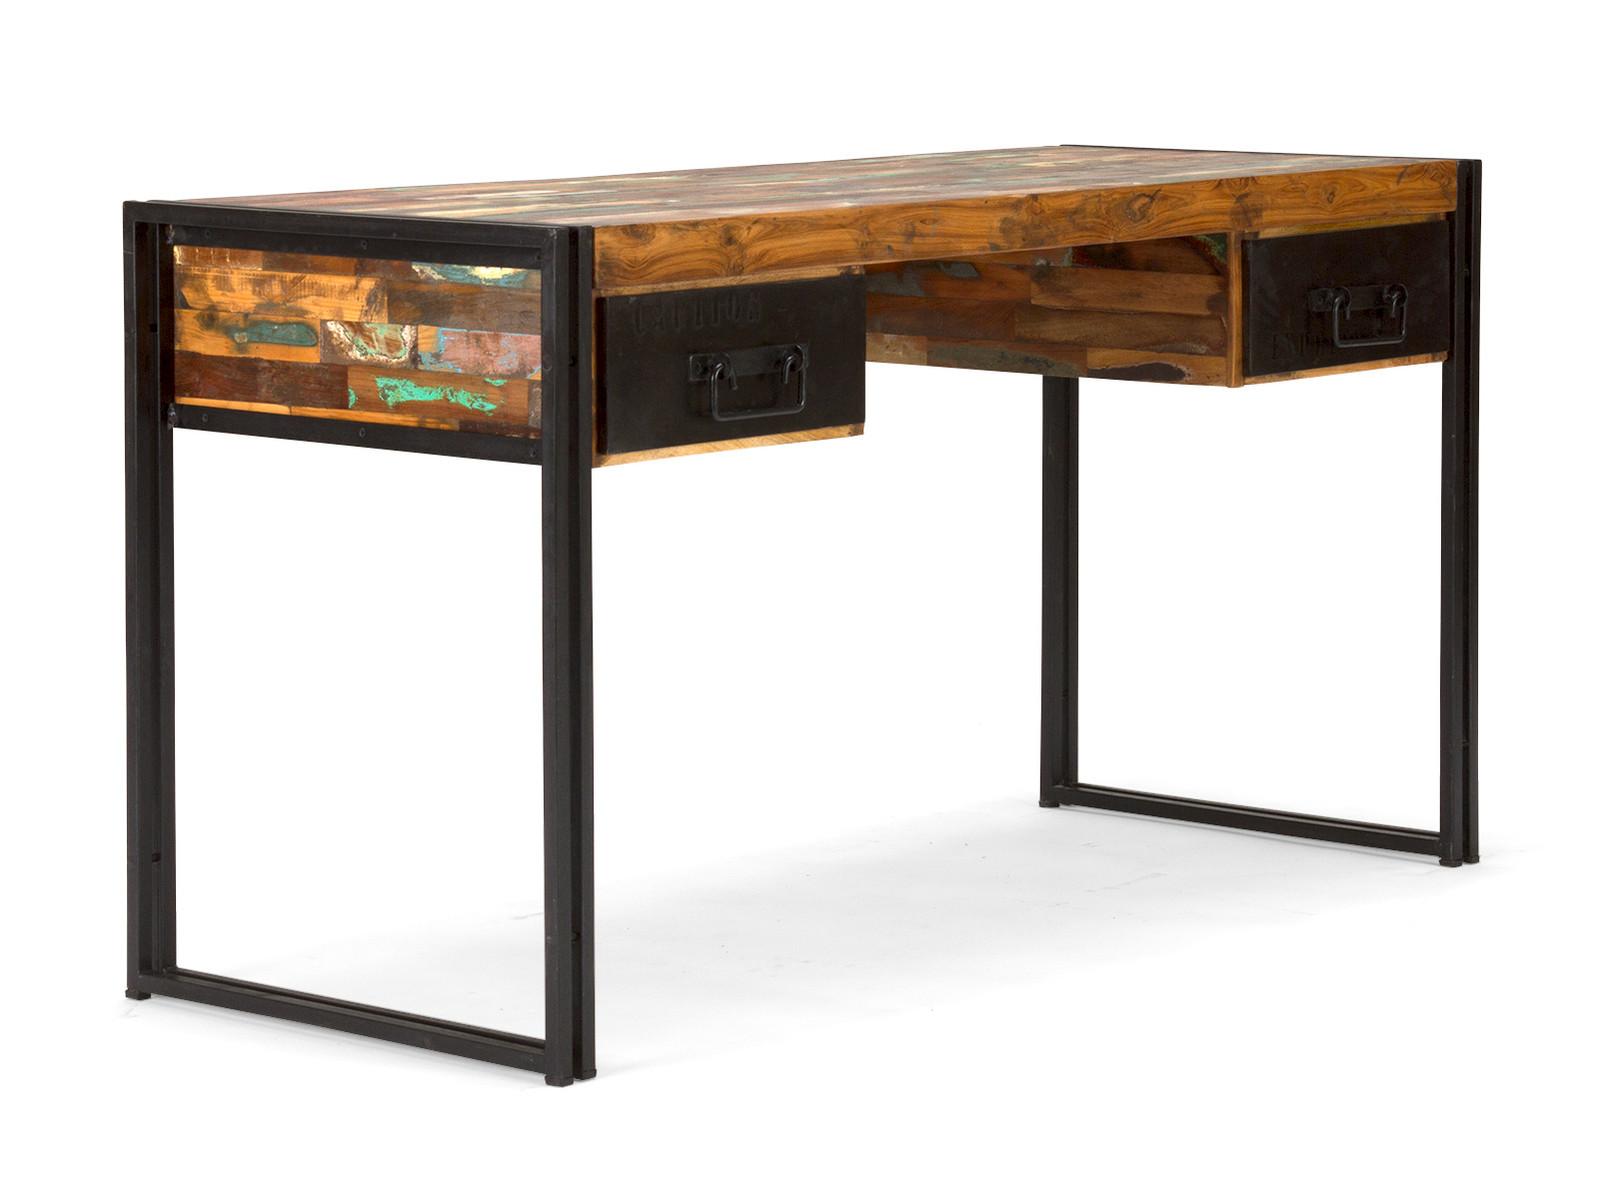 Designermöbel schreibtisch  Massivholz Schreibtisch - Industrie Möbel Style